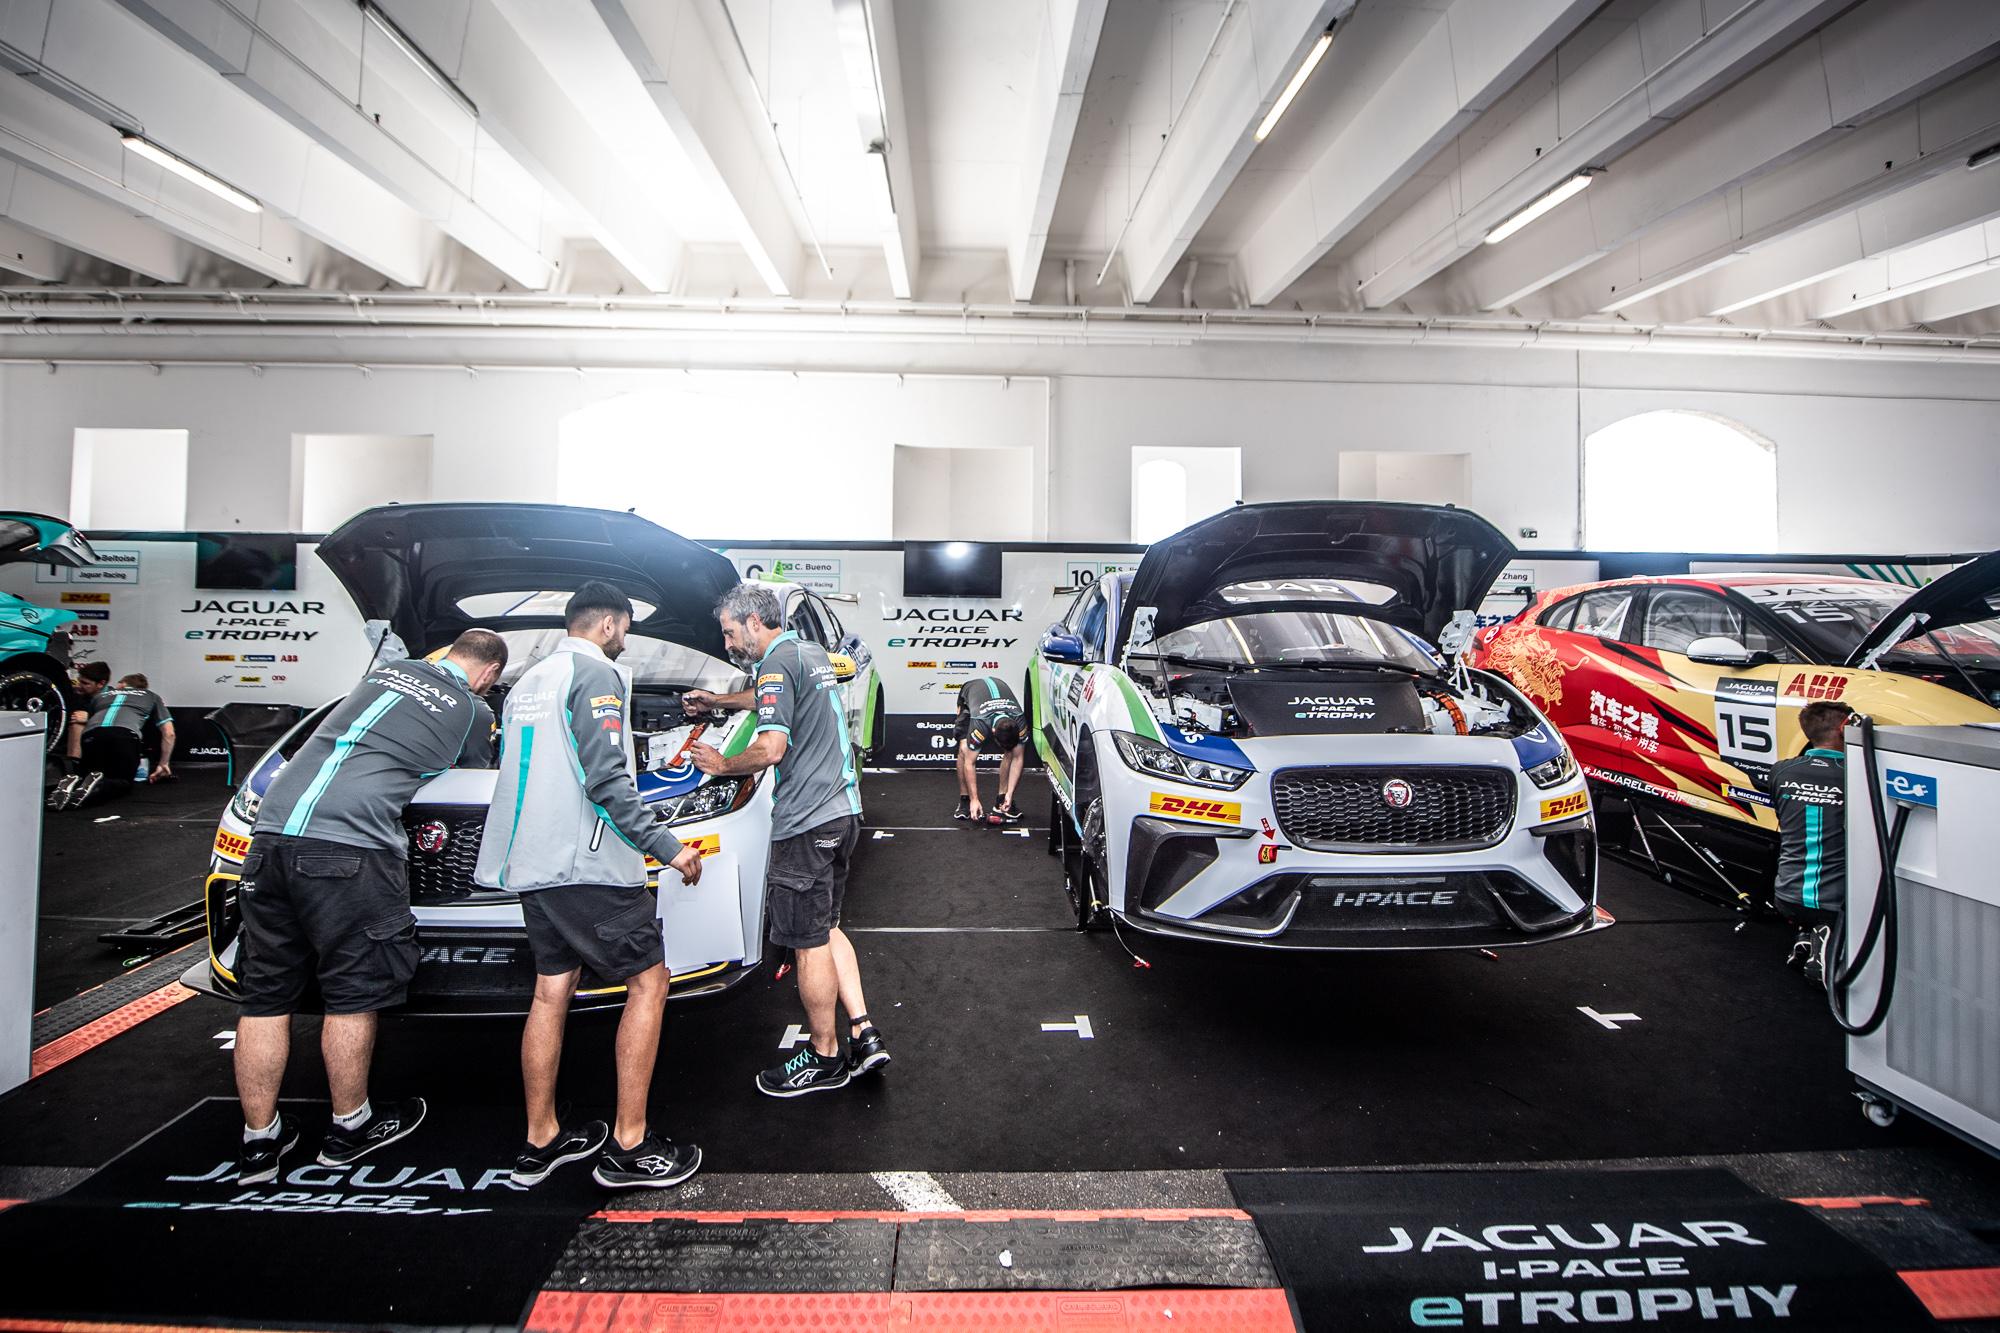 Jaguar_7.Monaco_josemariodias_01026